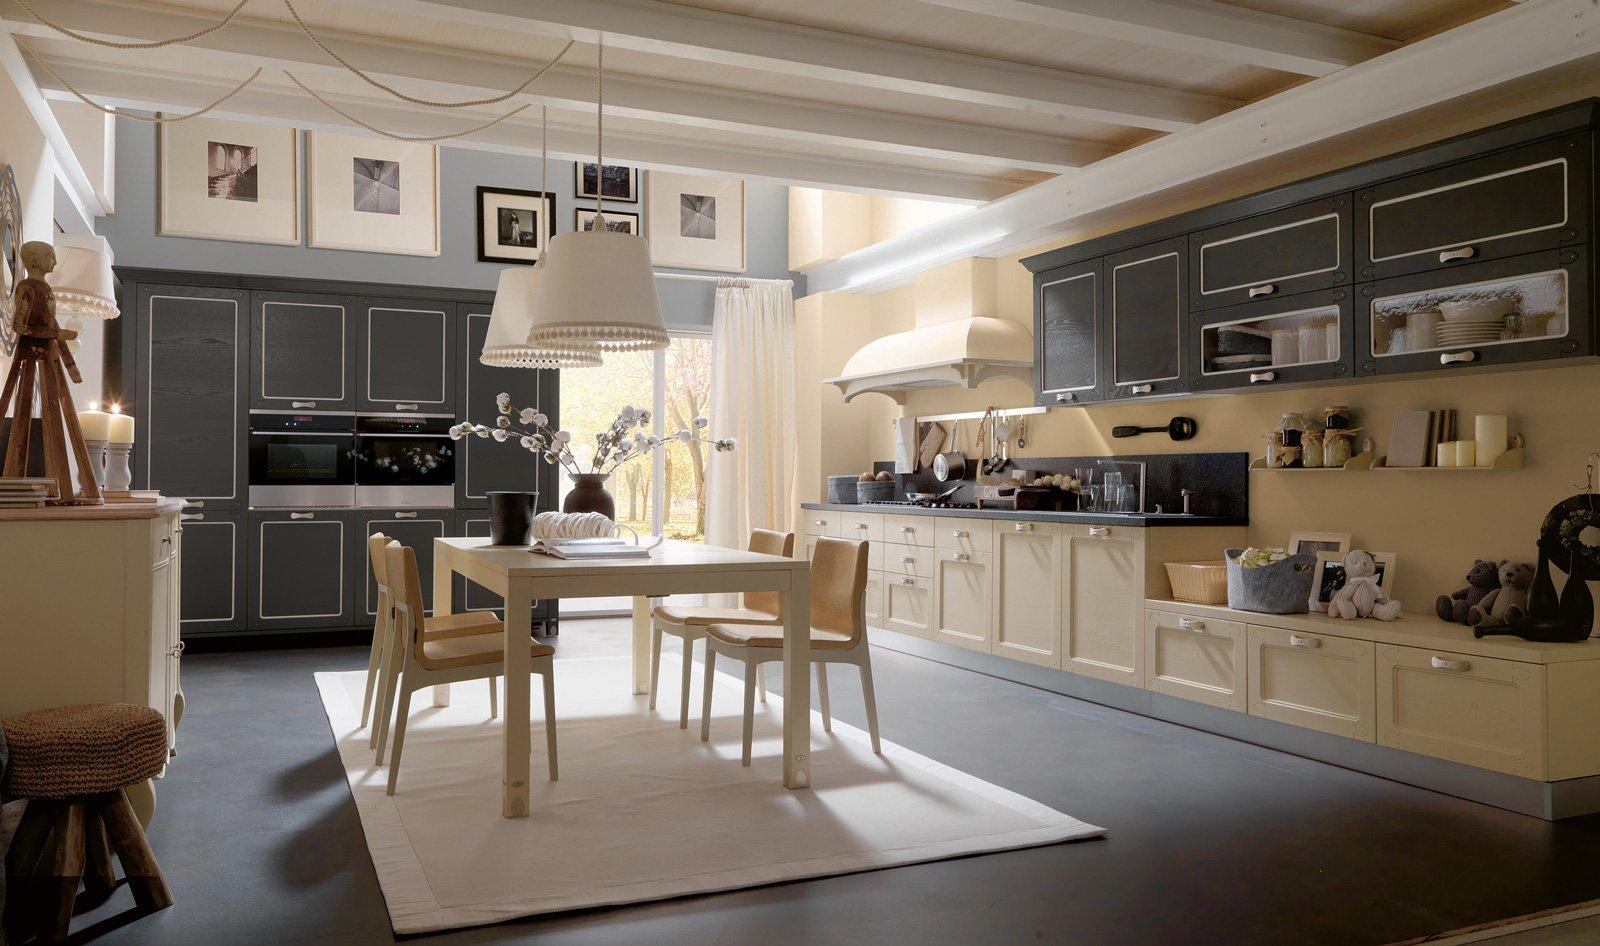 Cucina legno chiaro latest cucina rovere with cucina - Cucine martini mobili prezzi ...